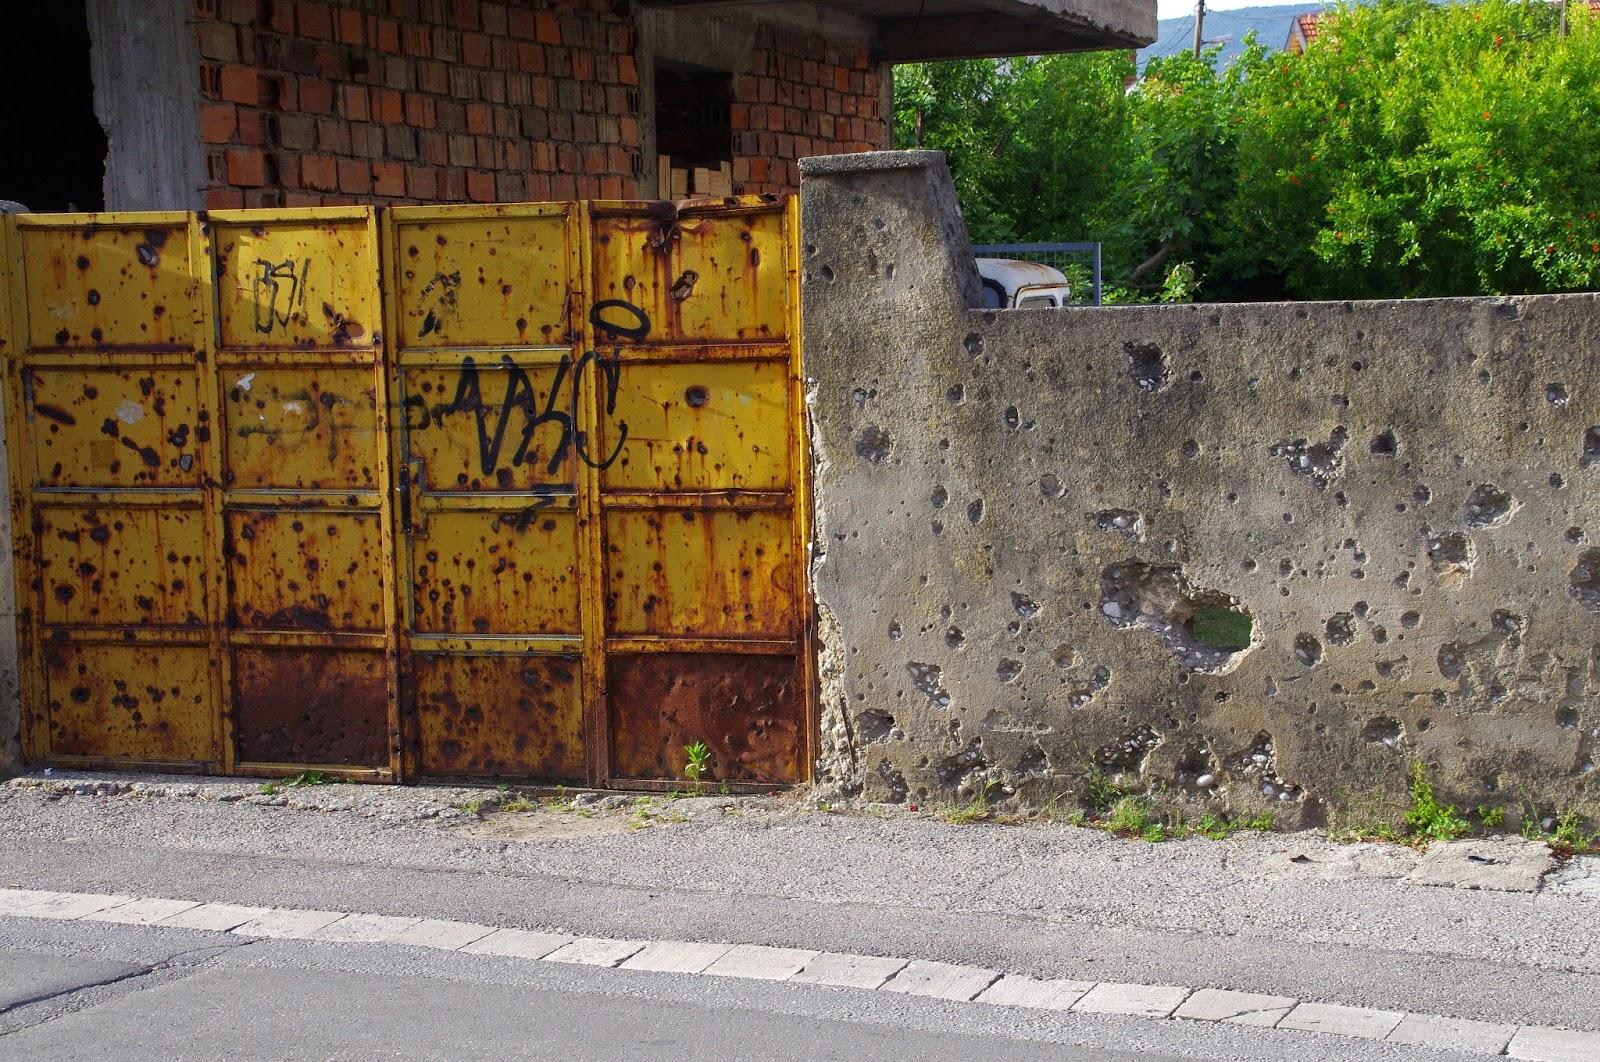 Bullet damaged walls in Mostar